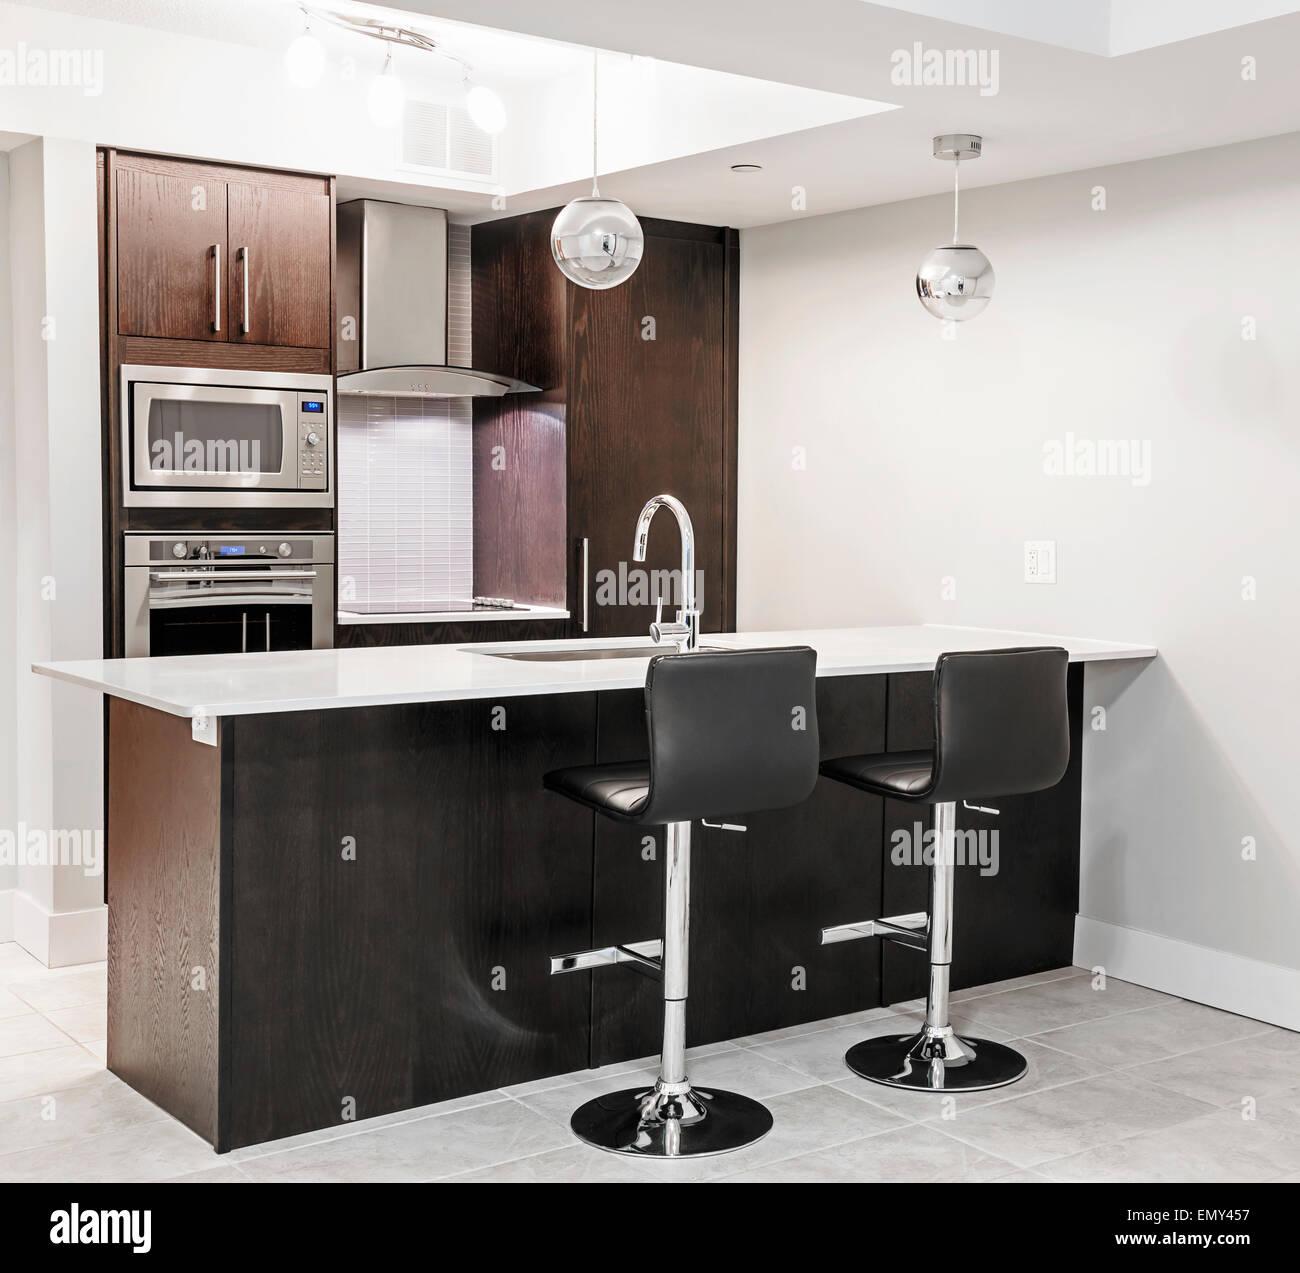 Moderne Luxus Küche Interieur mit dunklem Holz Schränke, Insel Theke ...